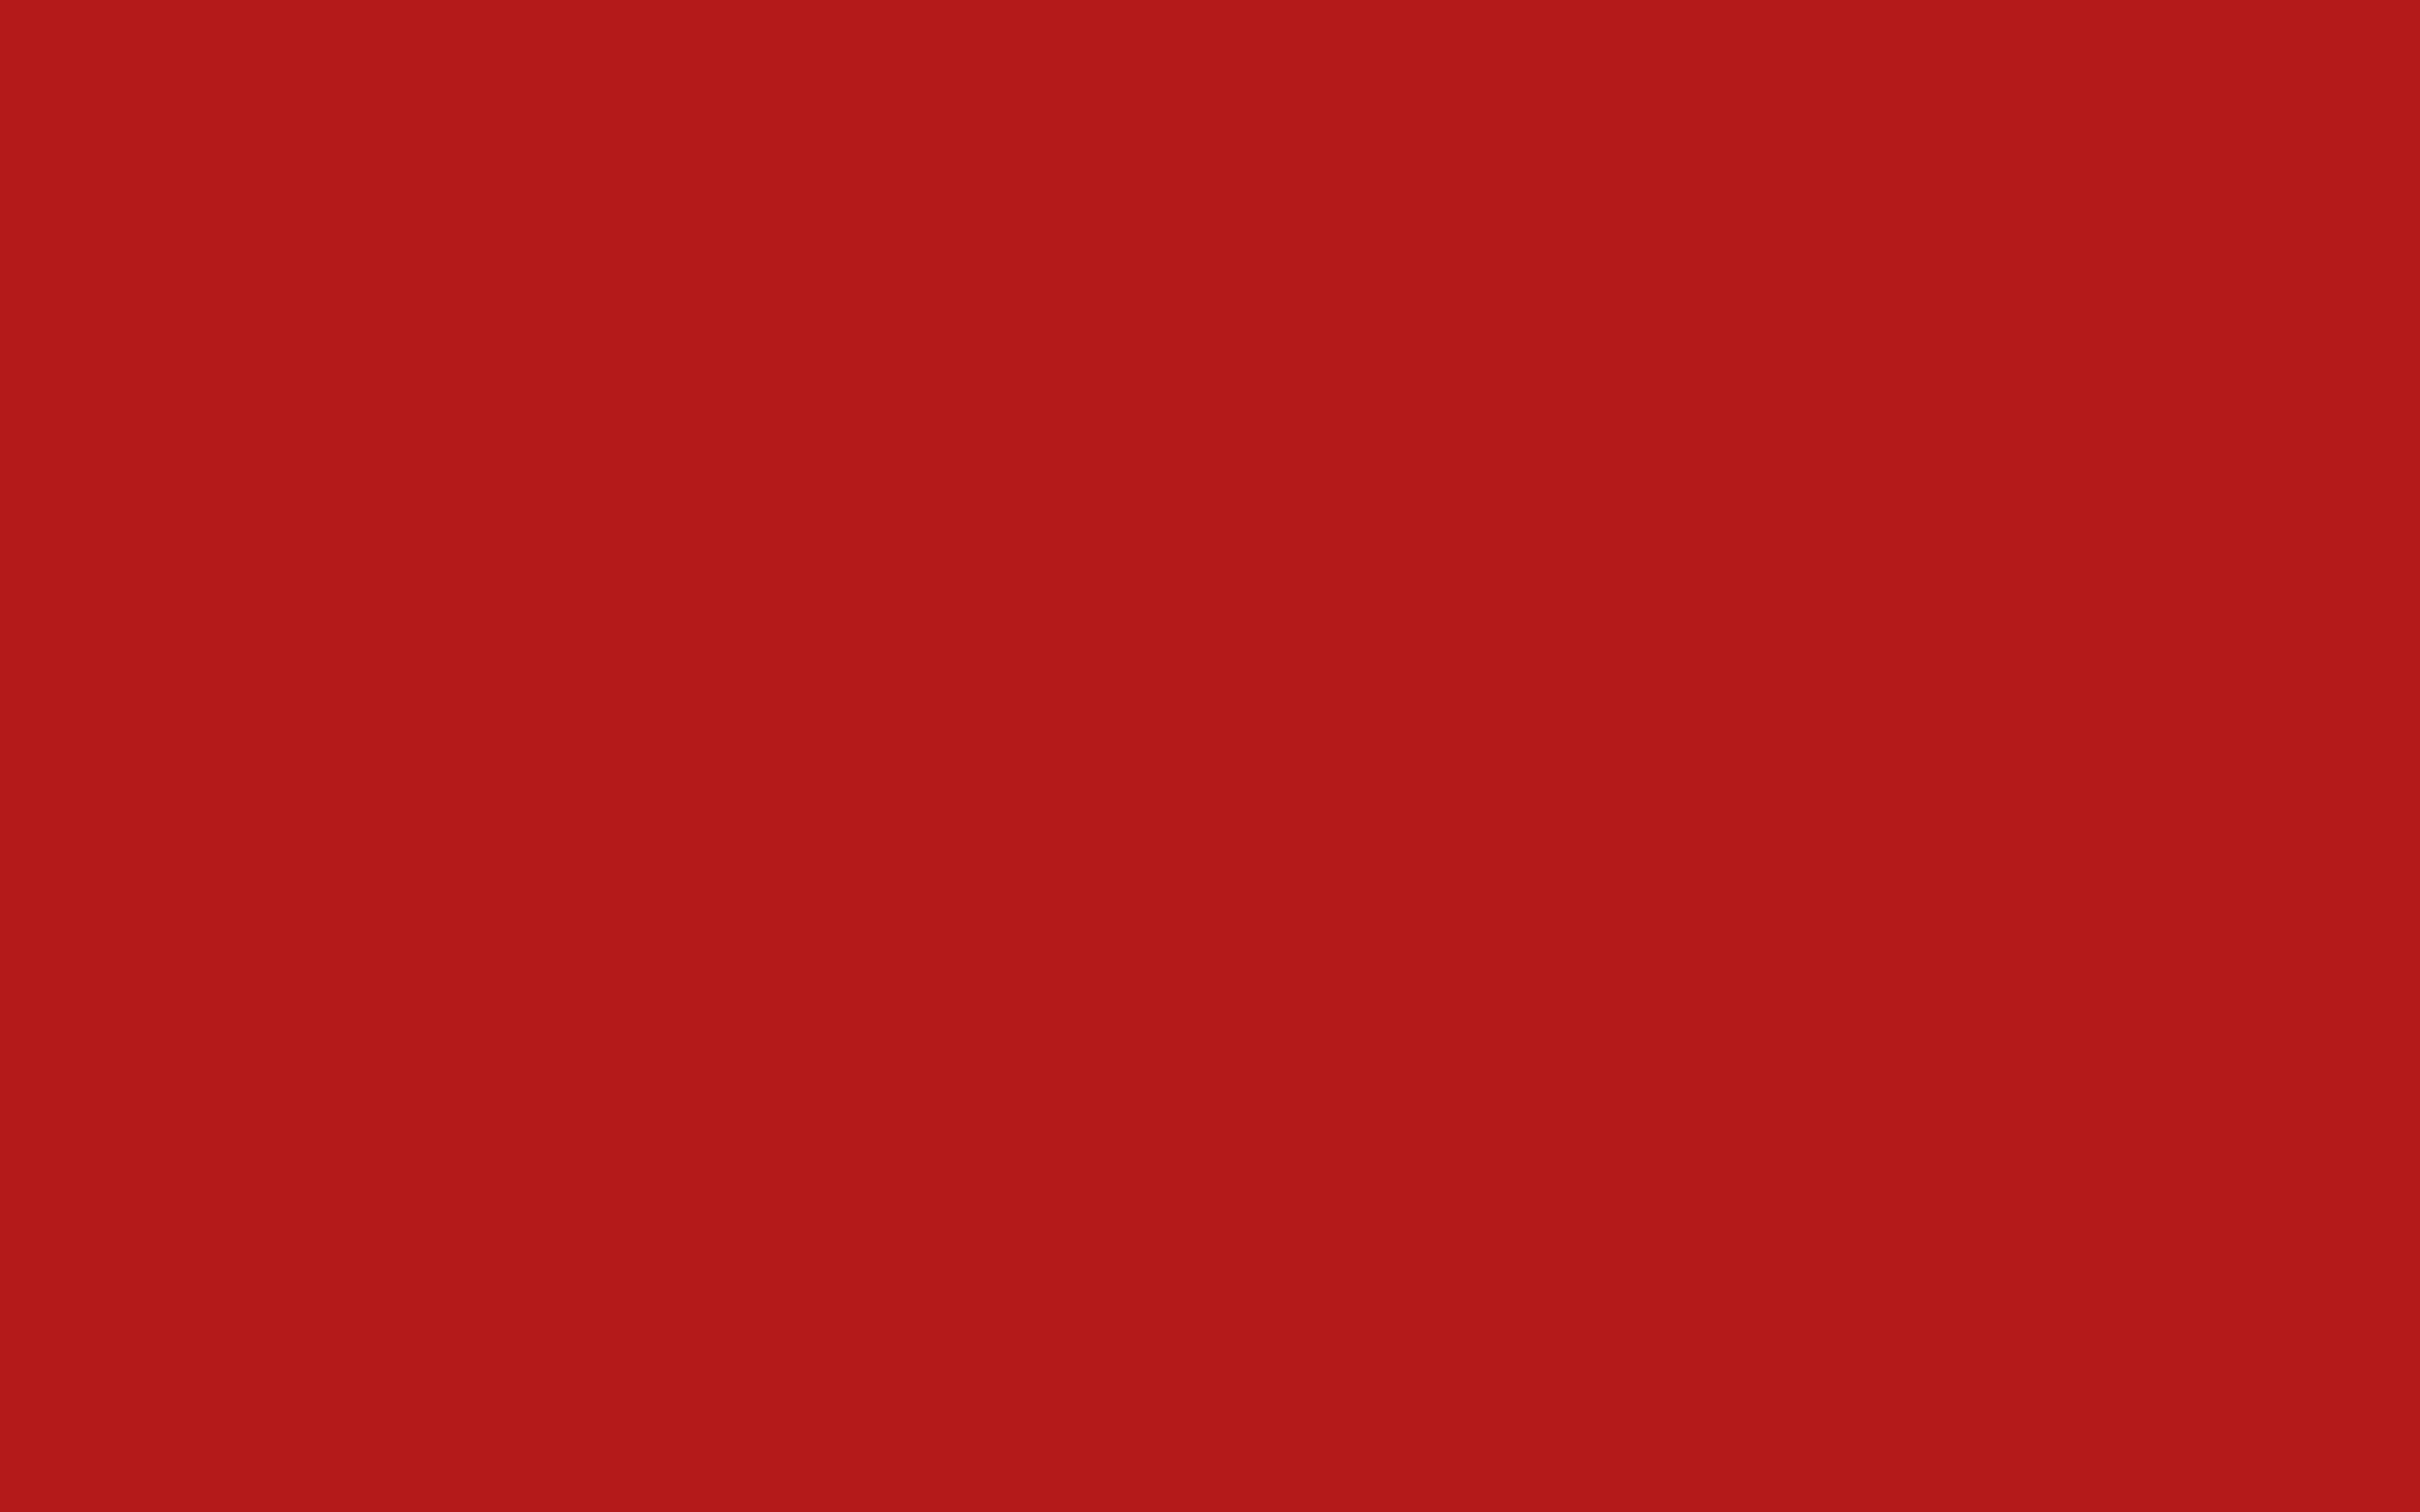 Hình nền màu đỏ 2K